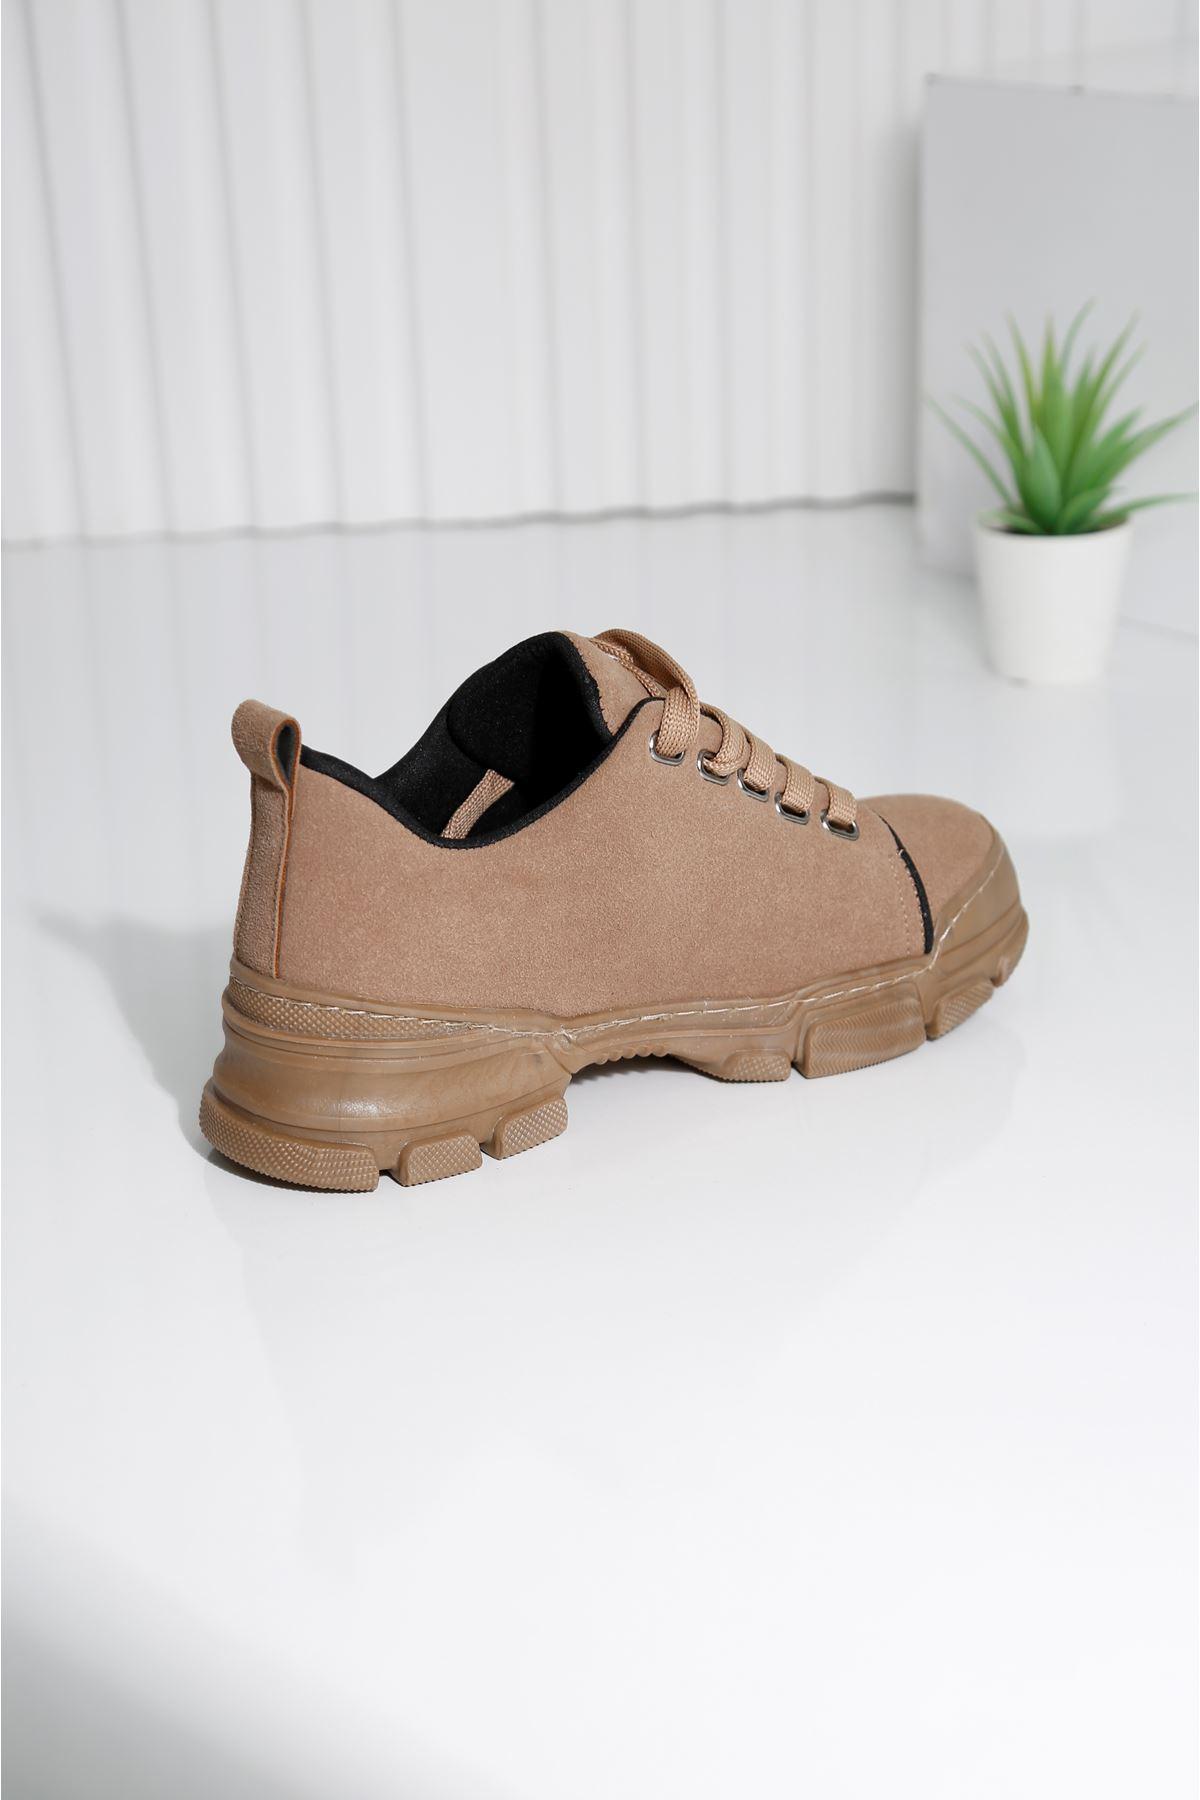 STANFORD Kahverengi Süet Spor Ayakkabı